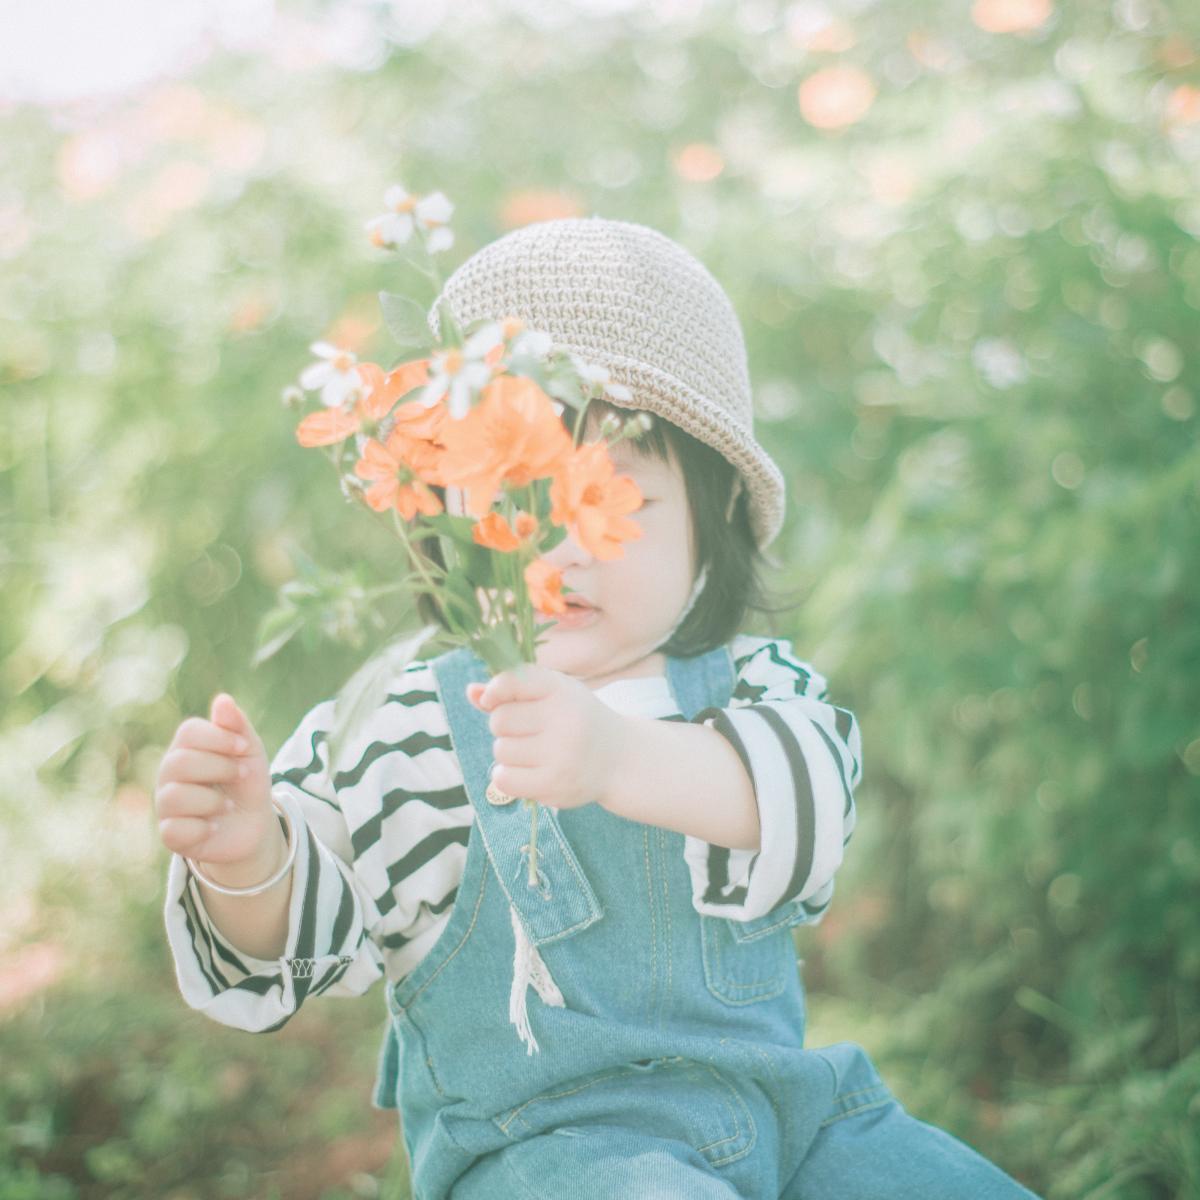 Bonnet Hat Child